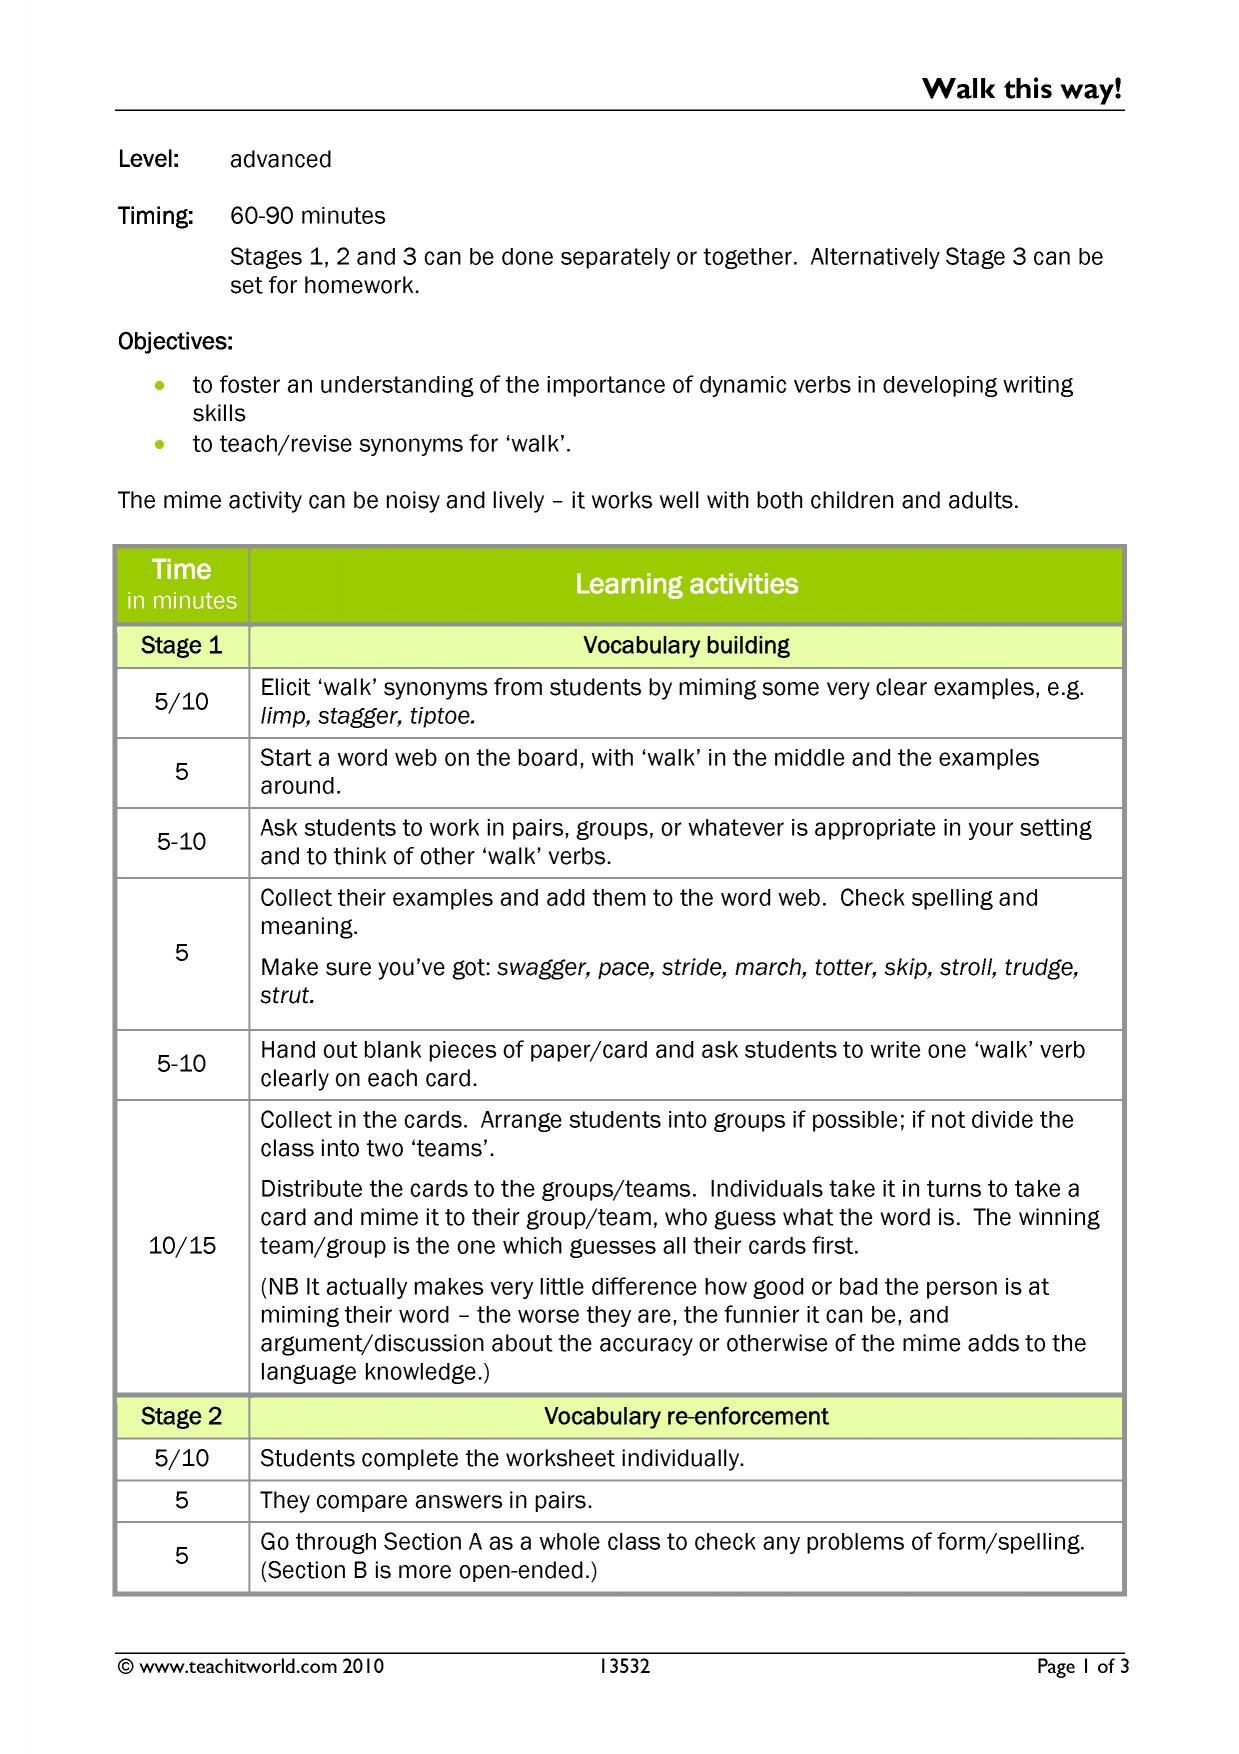 English language exam teaching resources - Teachit Languages